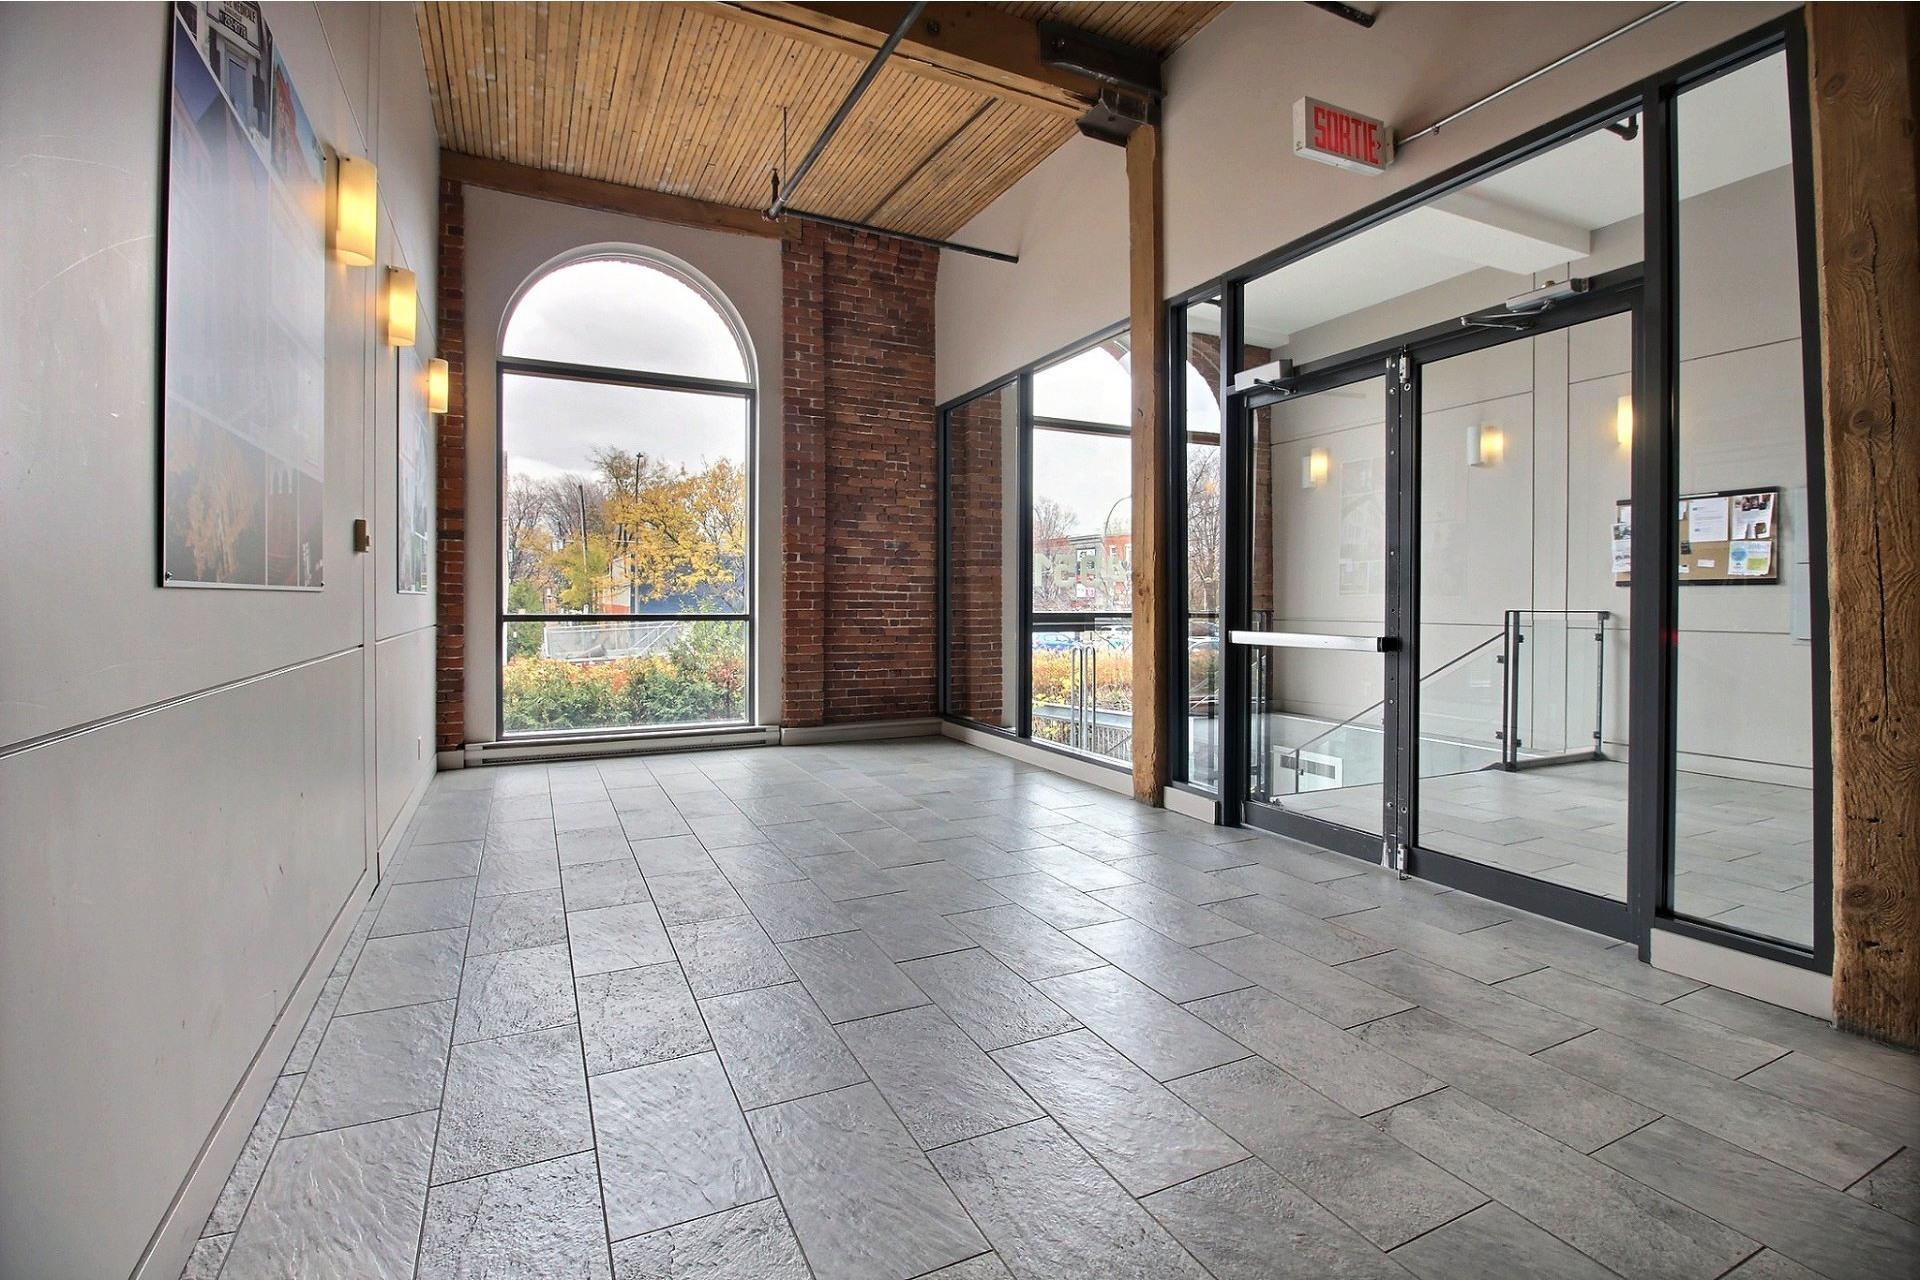 image 4 - Appartement À louer Mercier/Hochelaga-Maisonneuve Montréal  - 6 pièces